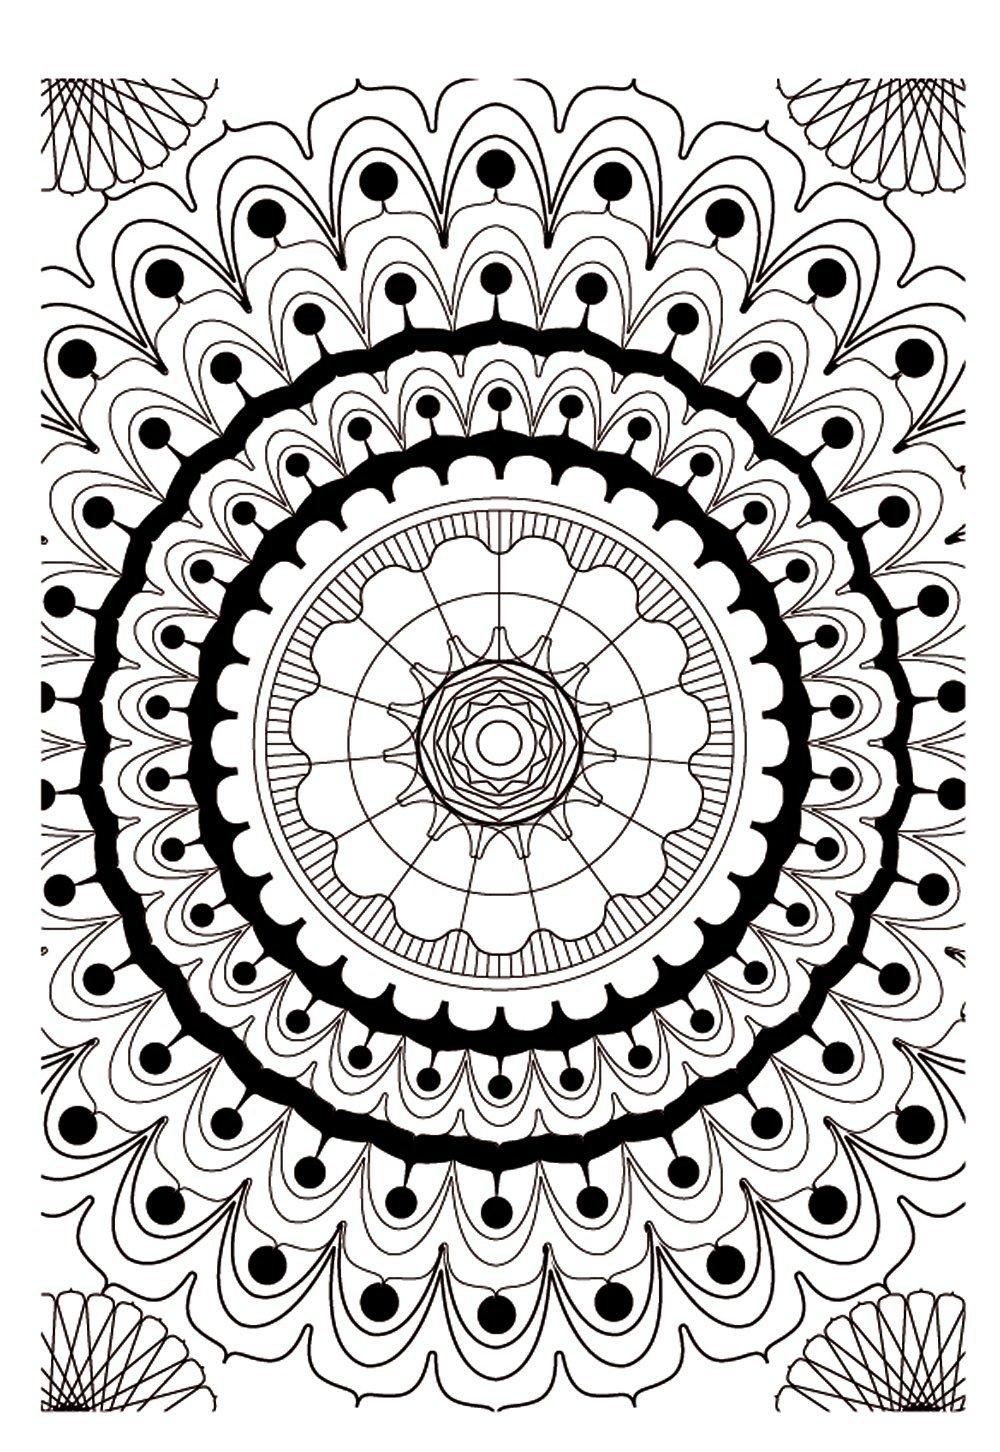 Mandalas - Coloriages difficiles pour adultes : coloriage ...